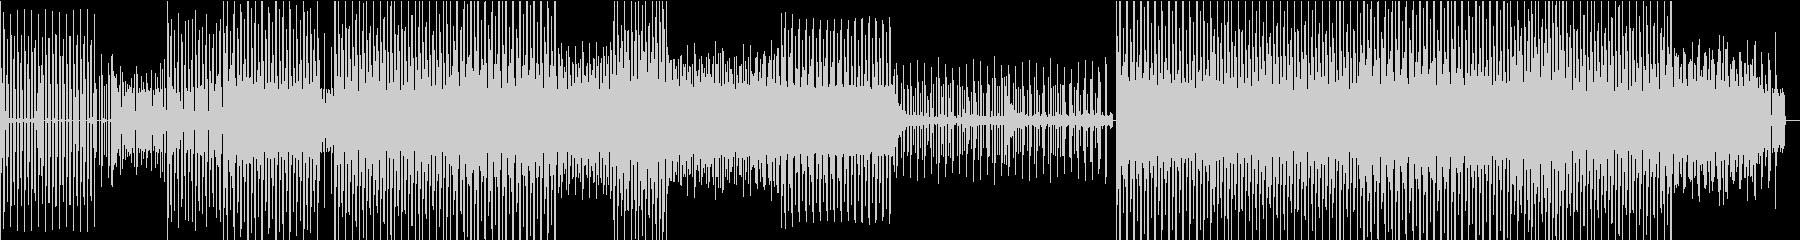 疾走感のあるクールなテクノBGMの未再生の波形